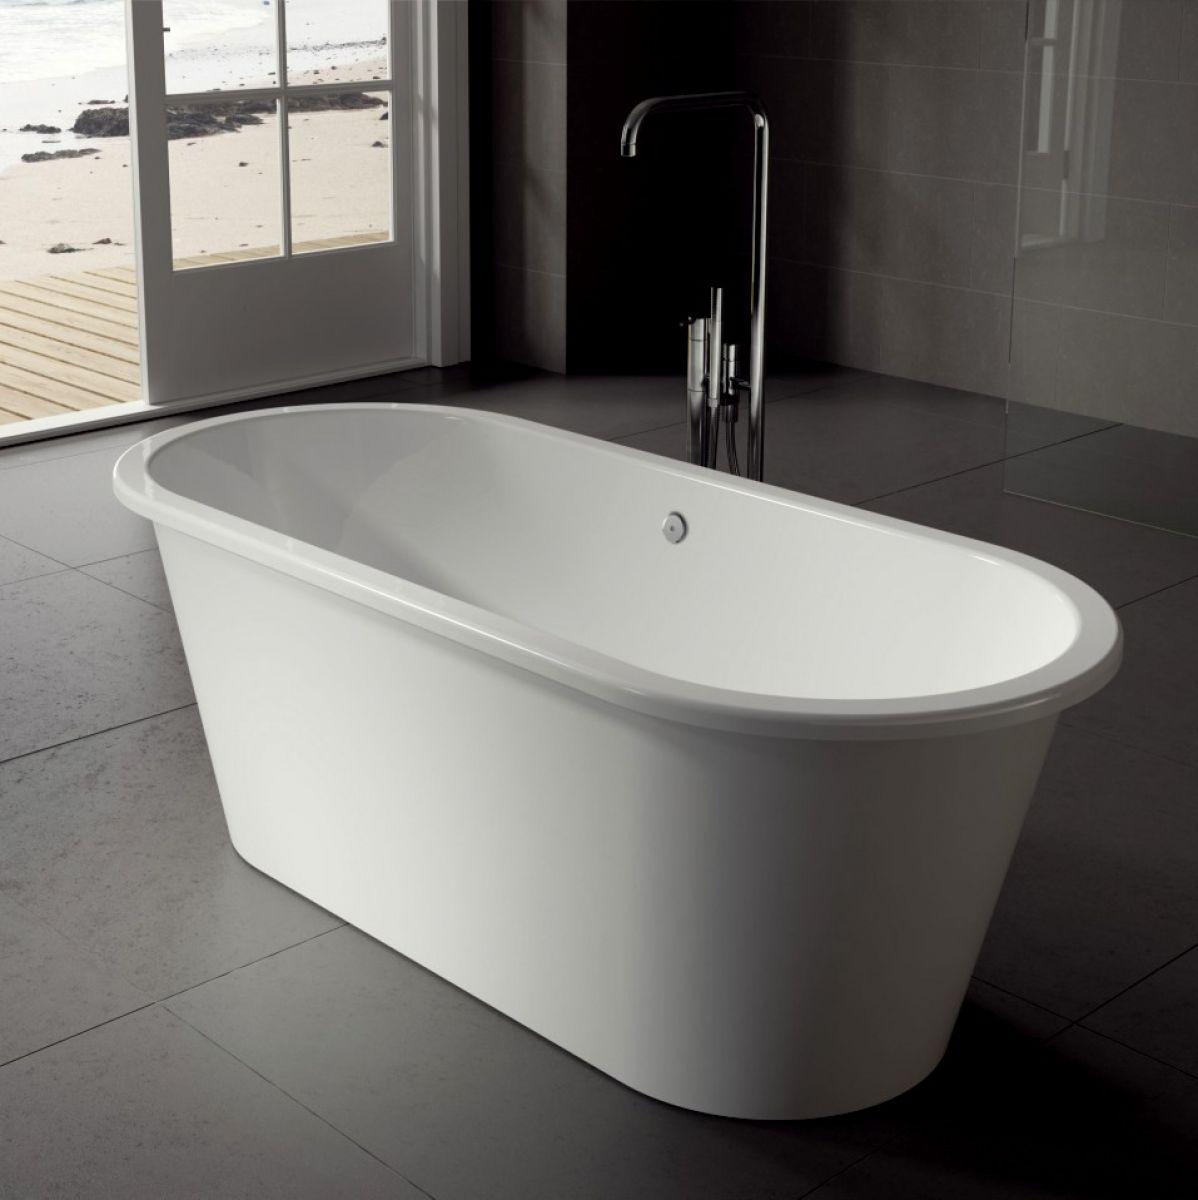 Ramsden & Mosley Iona Modern Freestanding Bath : UK Bathrooms